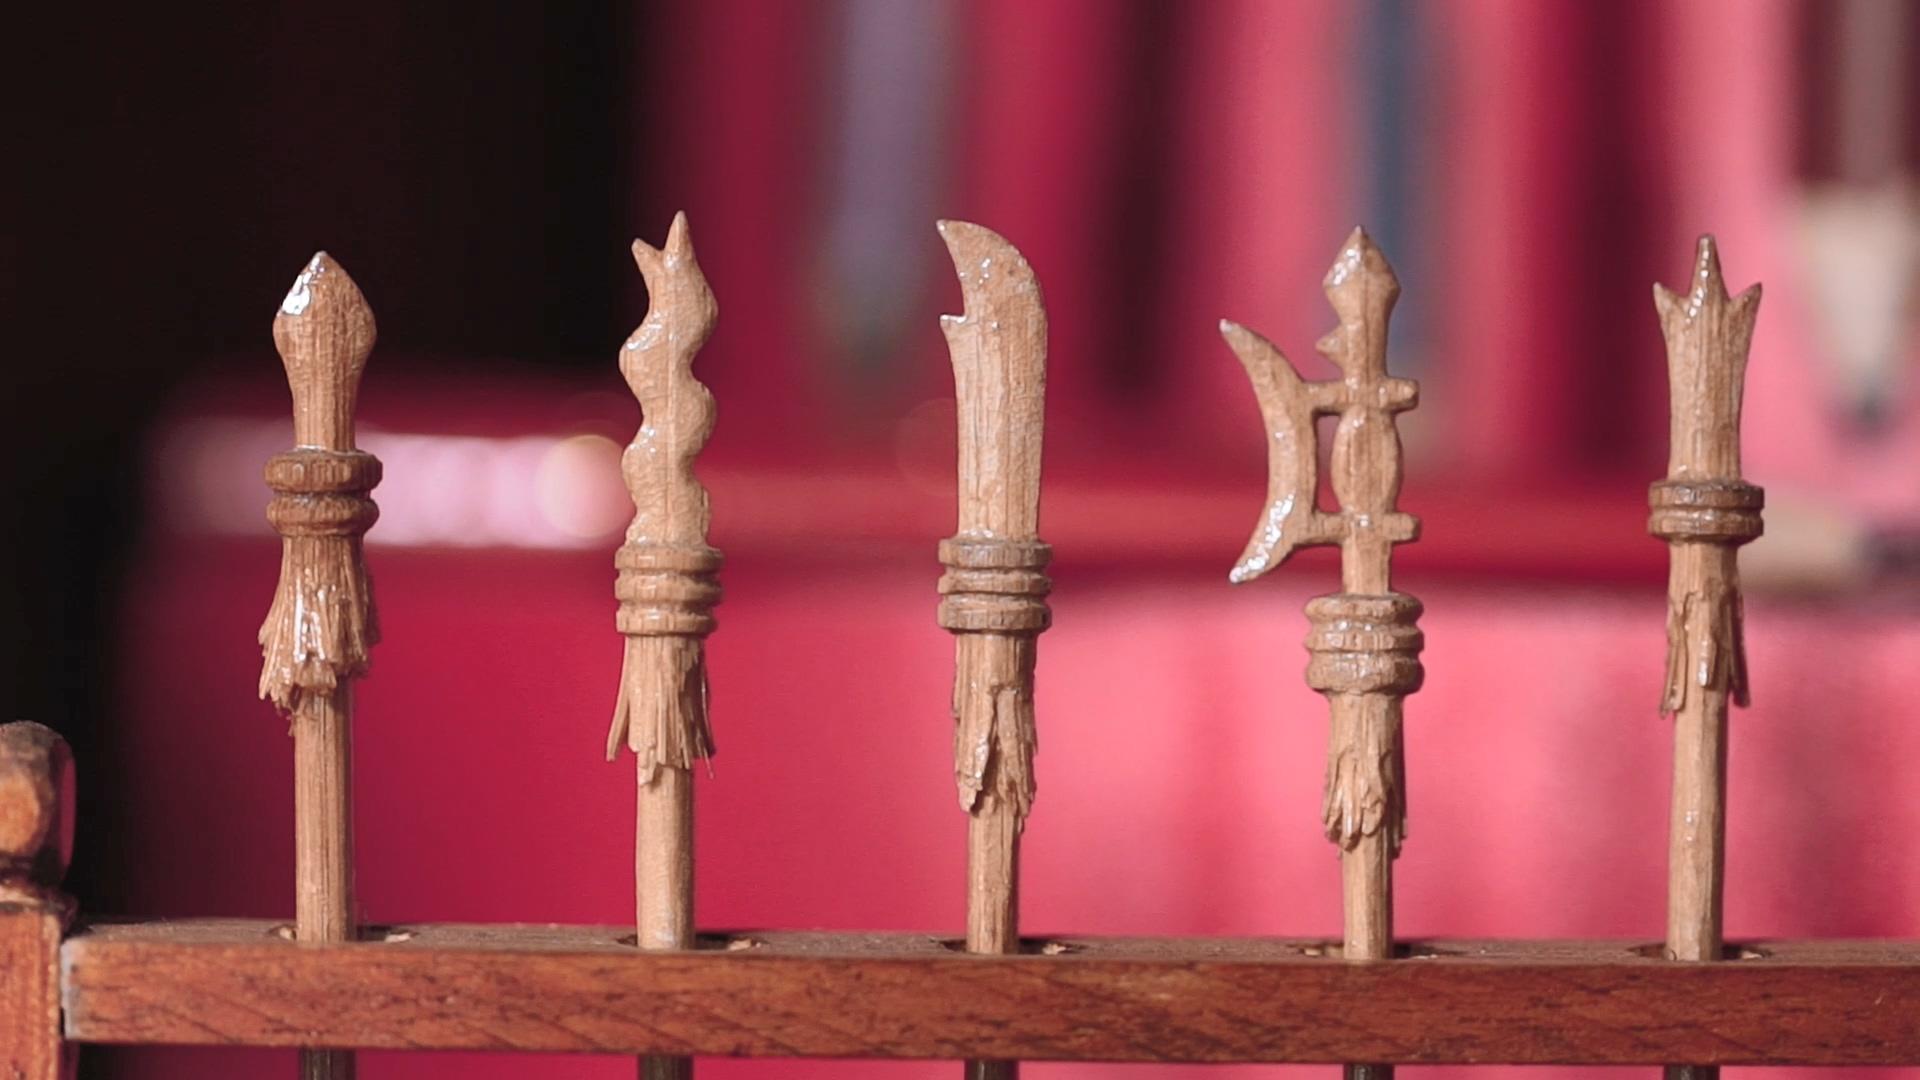 李健竹以竹筷子替小孩雕刻出的武器玩具。